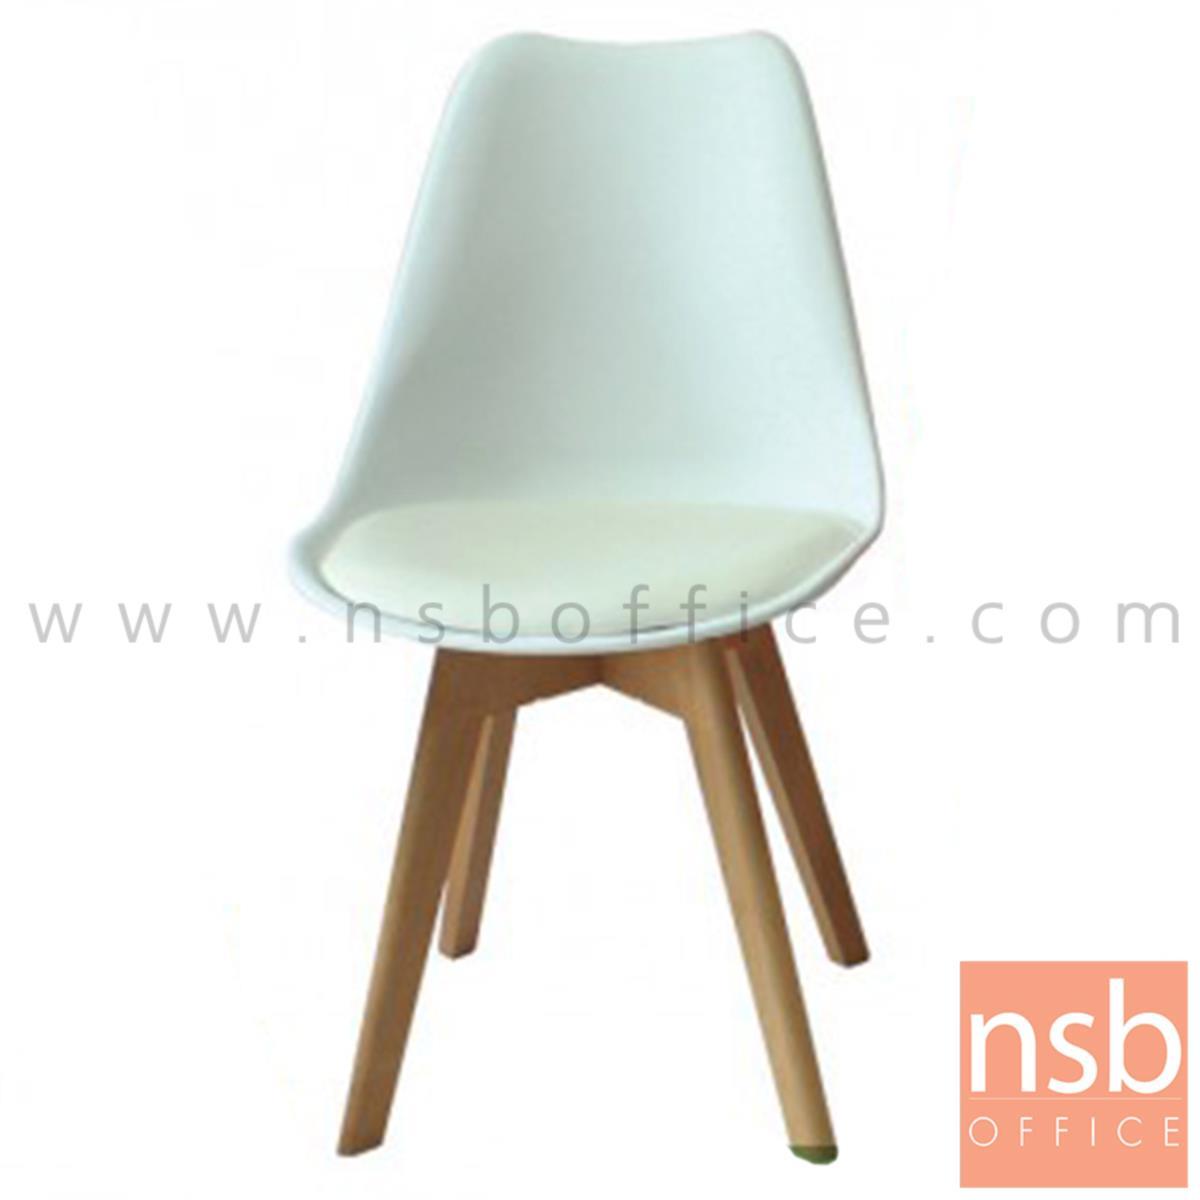 B29A304:เก้าอี้โมเดิร์นหนังเทียม รุ่น Samson (แซมซัน) ขนาด 48W cm. โครงขาไม้